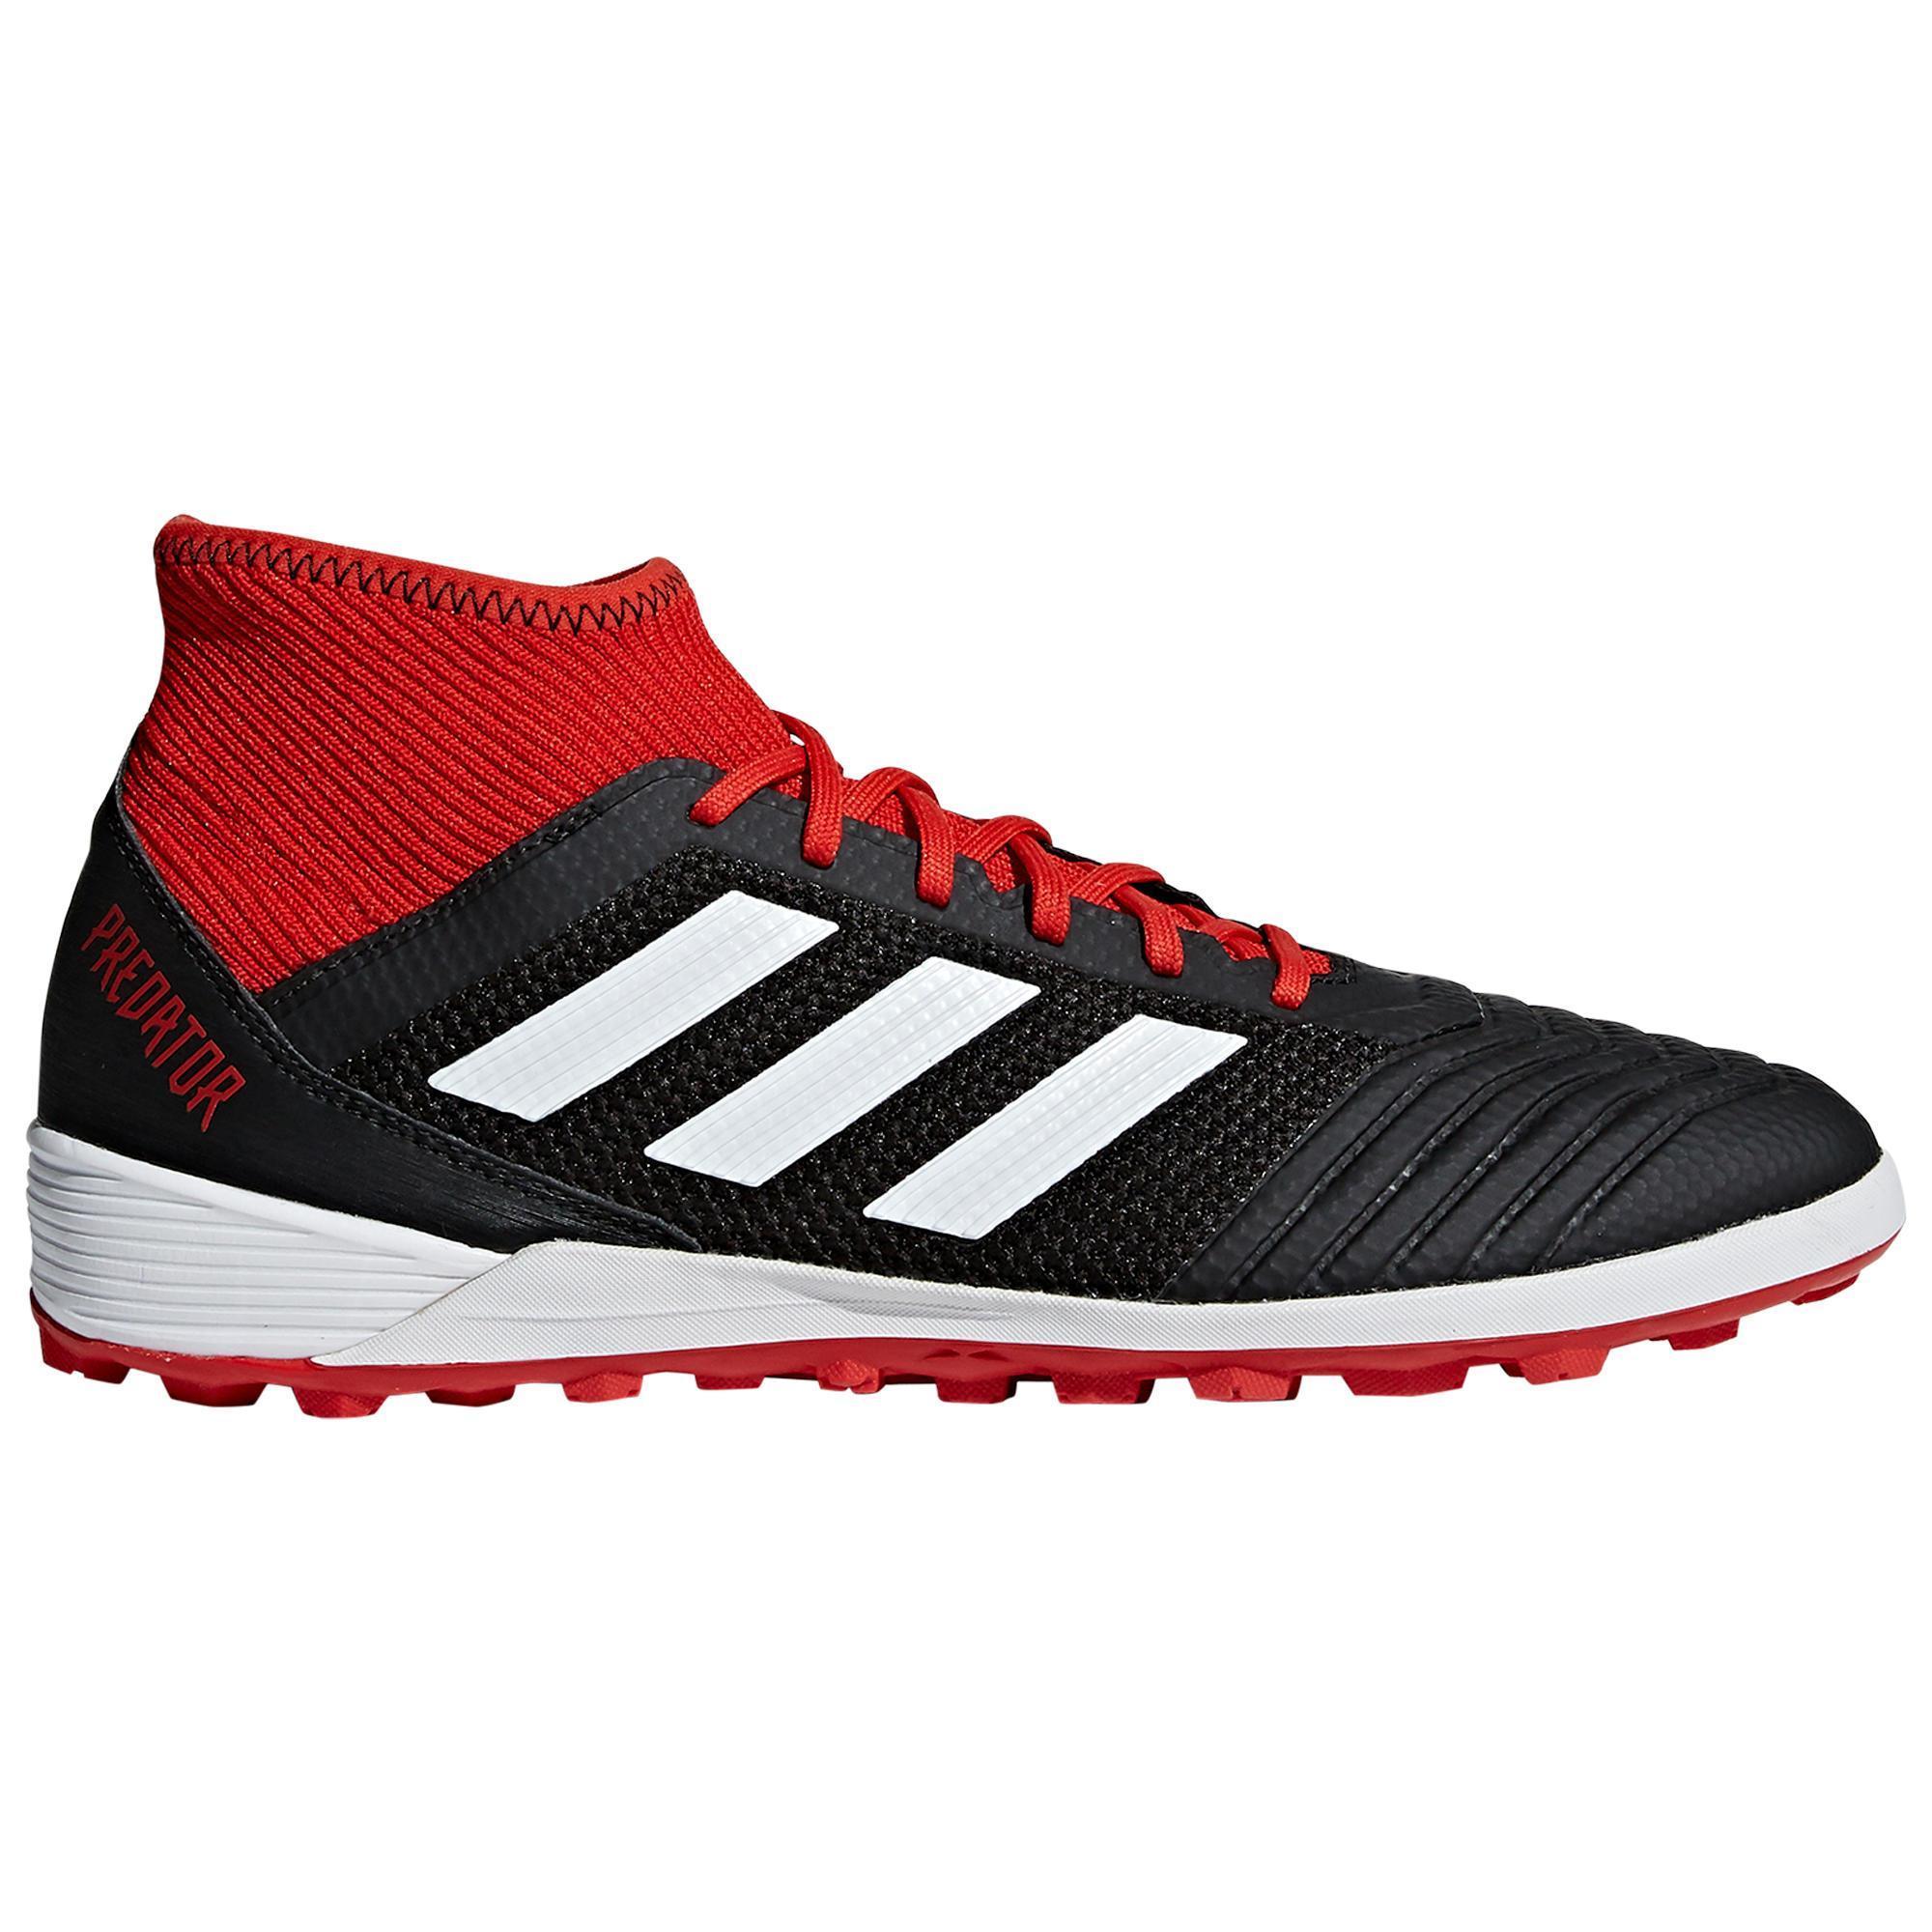 Adidas Voetbalschoenen Predator Tango 18.3 TF voor volwassenen zwart/rood